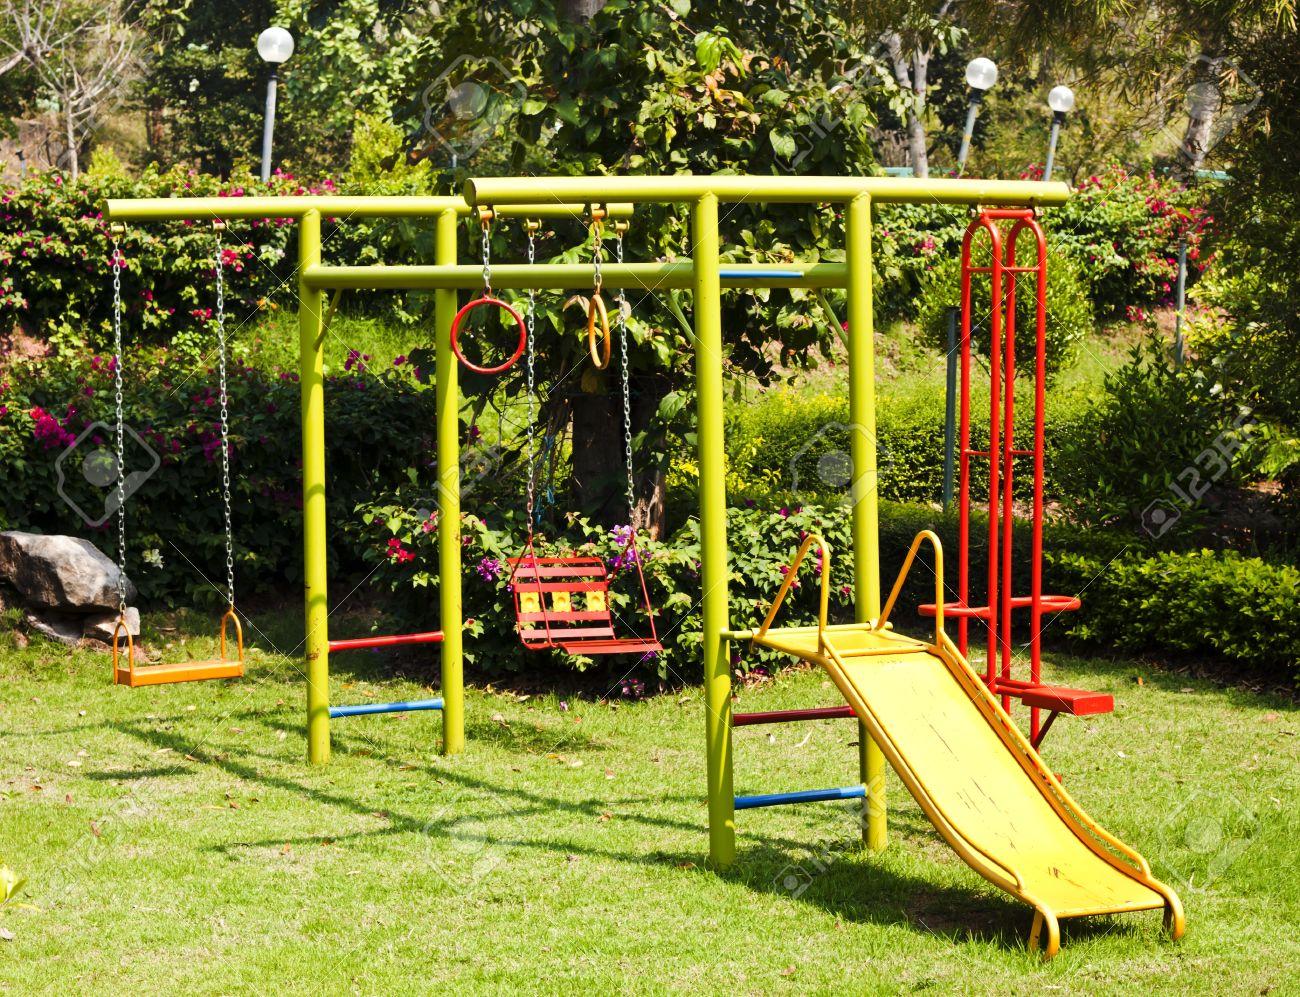 Los Ninos Juegos Infantiles En El Jardin Botanico Fotos Retratos